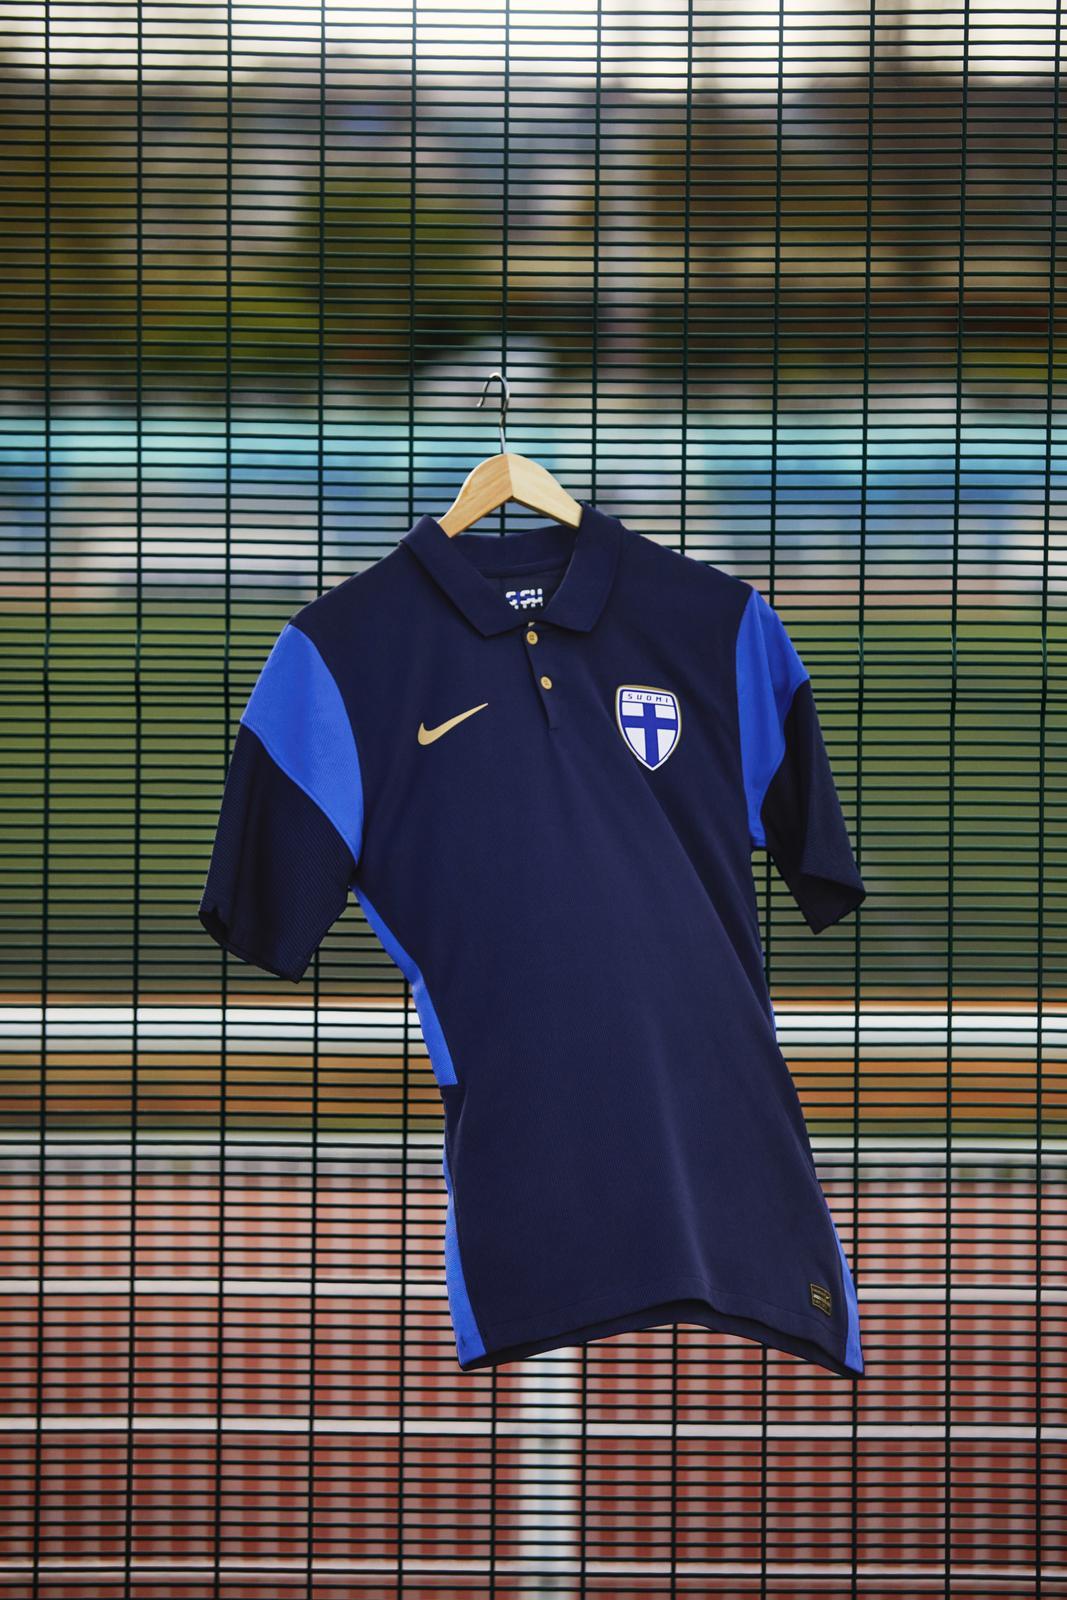 Nike 2020 Finland away kit